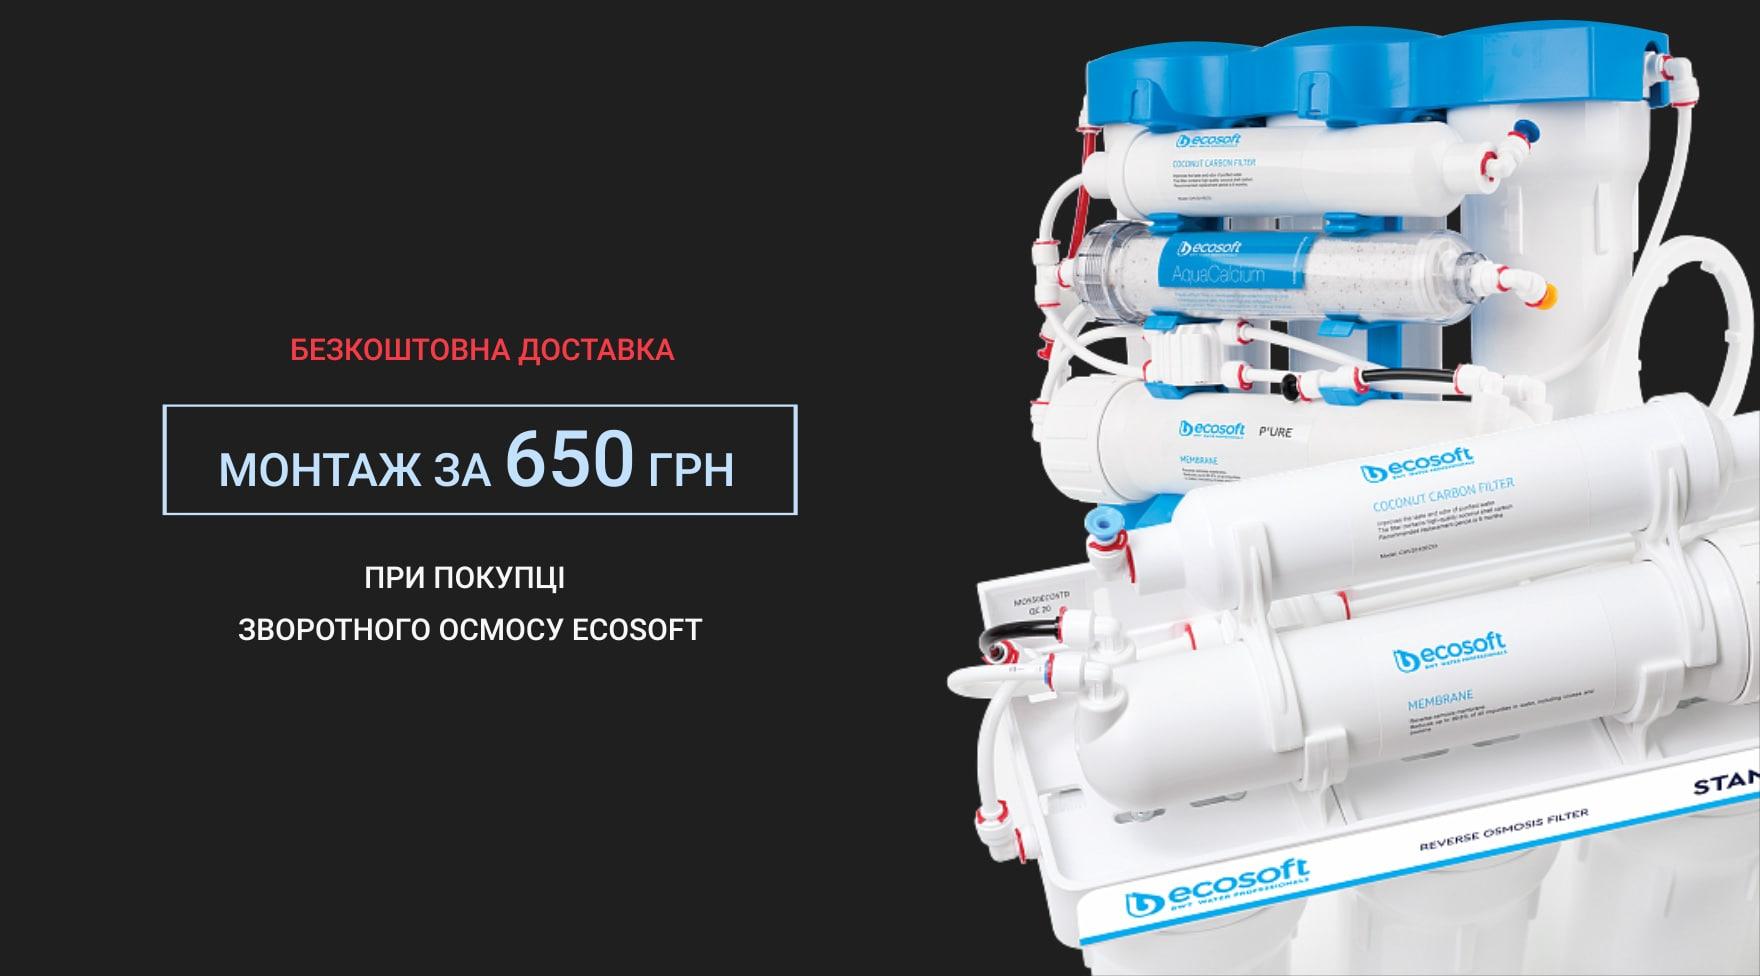 Безкоштовна доставка + монтаж 650 грн + фільтри у подарунок